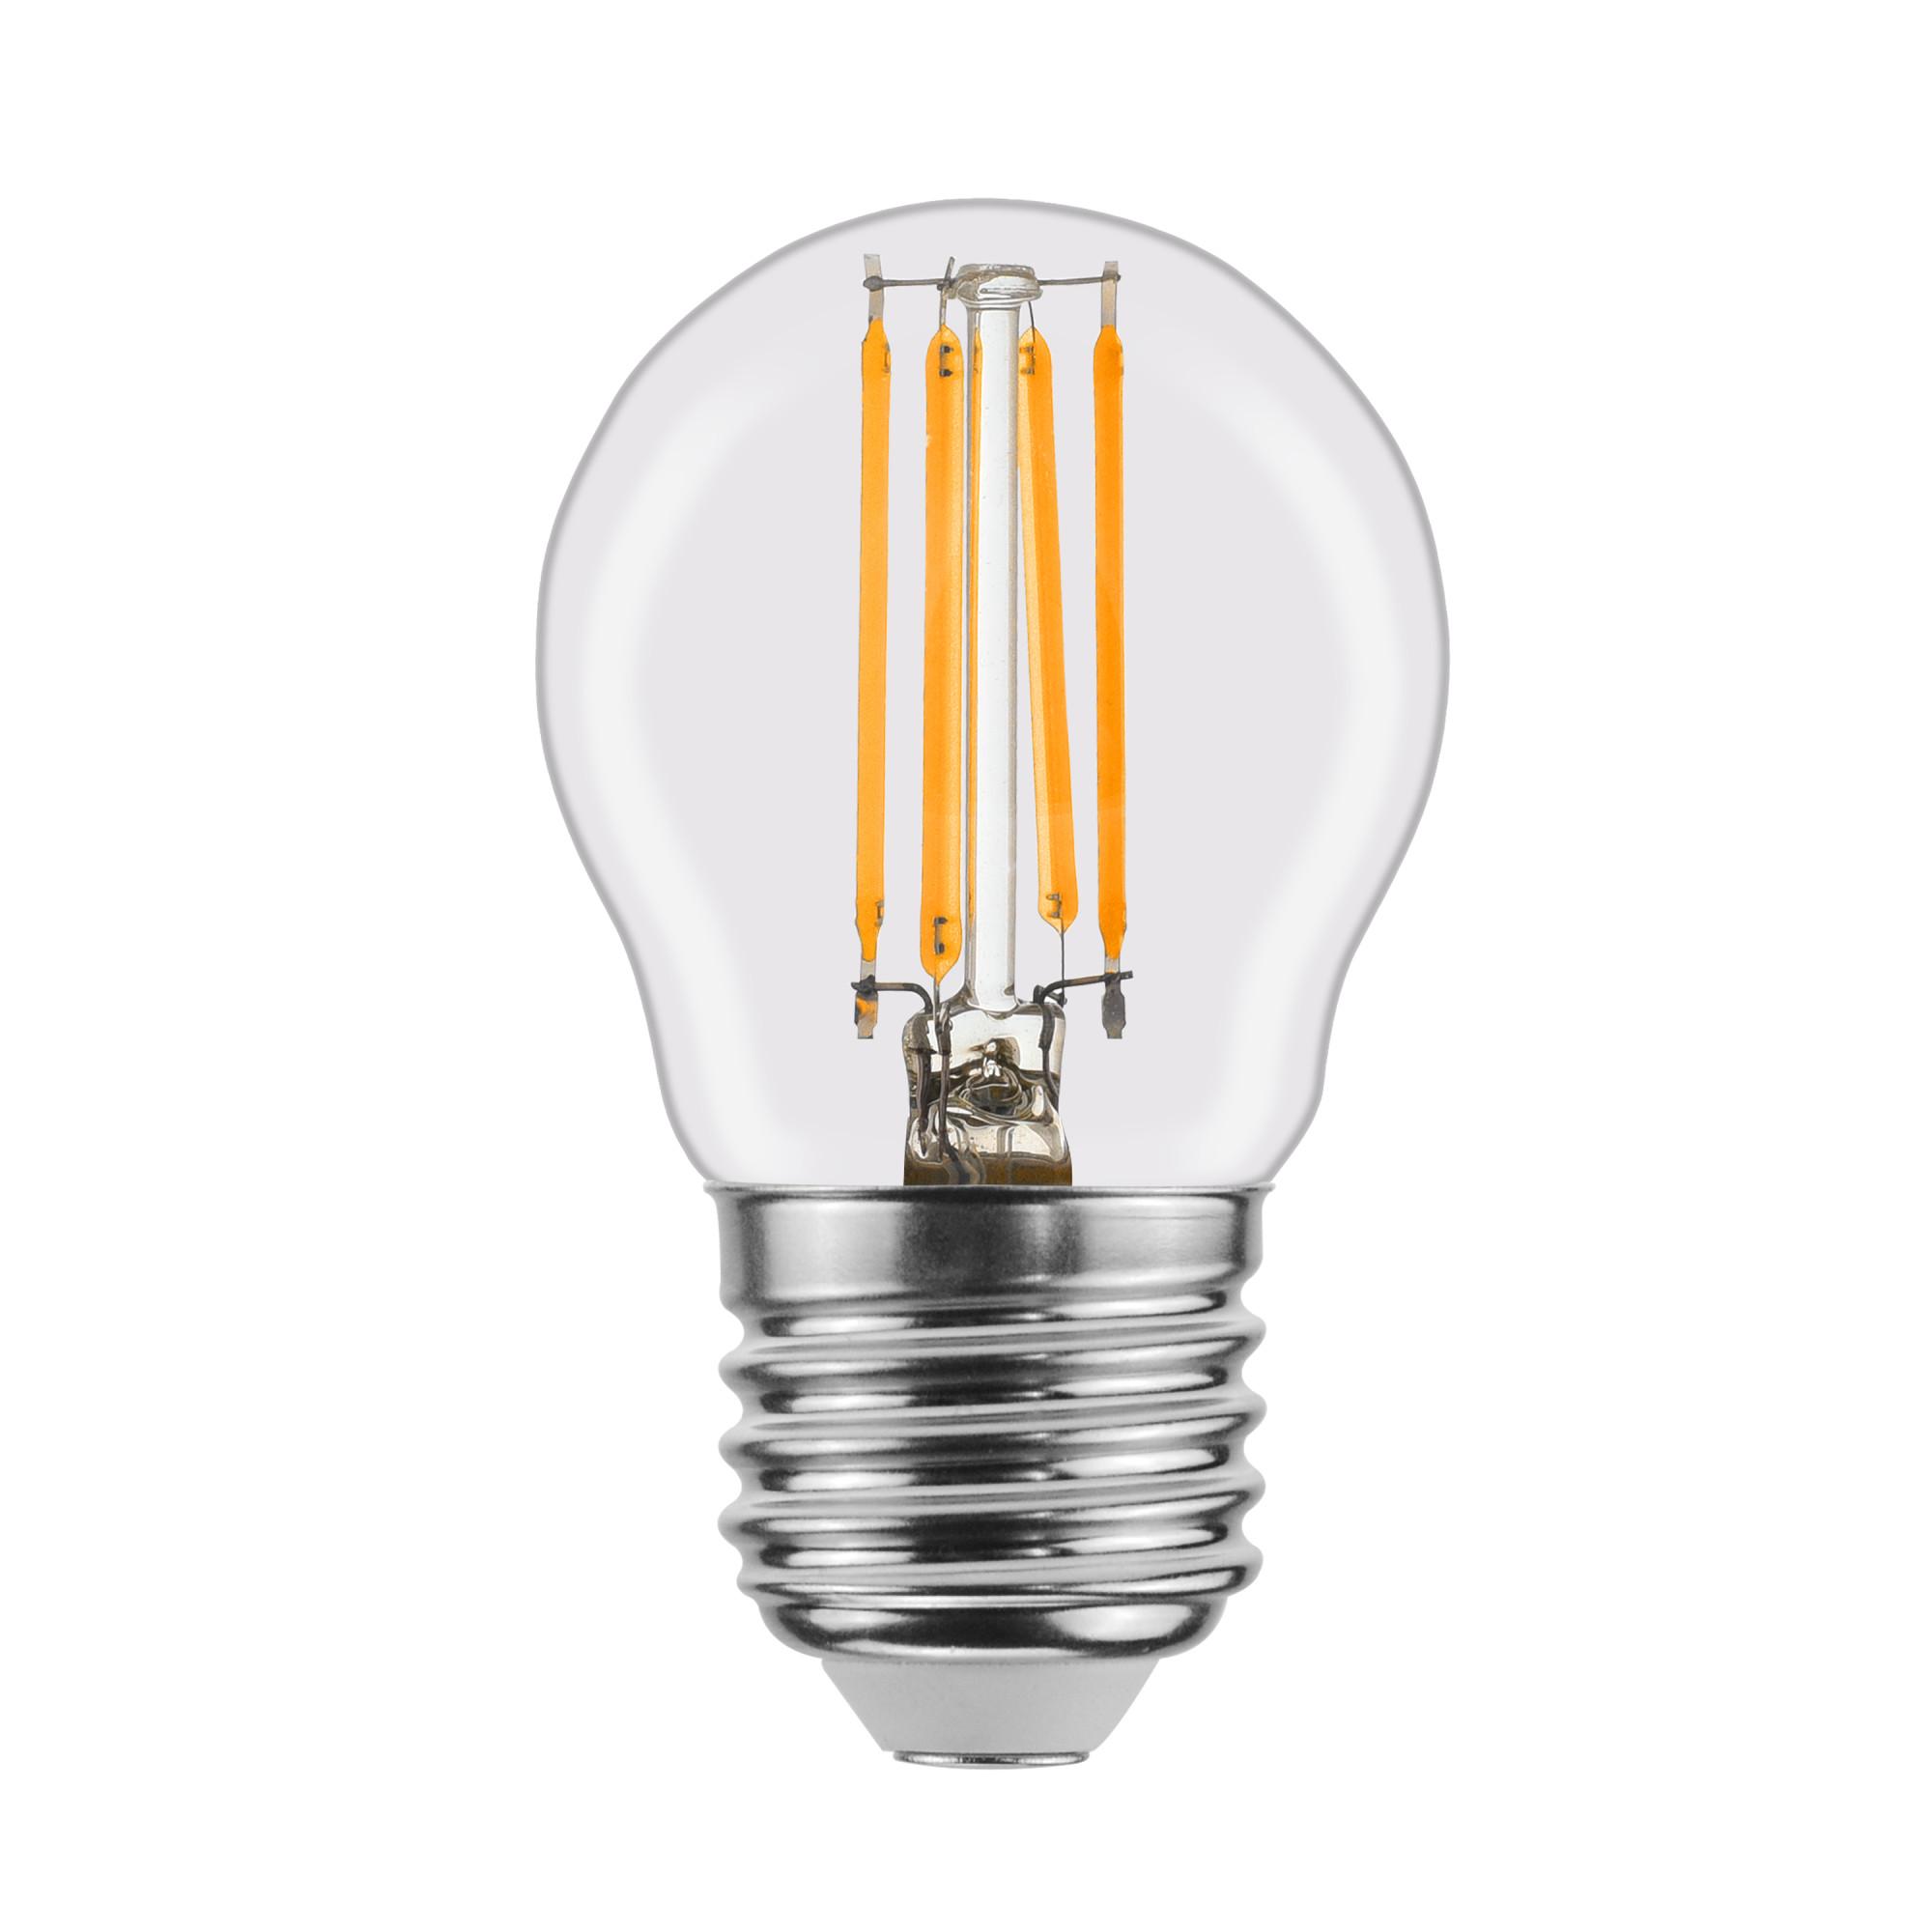 Лампа светодиодная филаментная Lexman E27 220 В 4.5 Вт шар прозрачный 470 лм белый свет